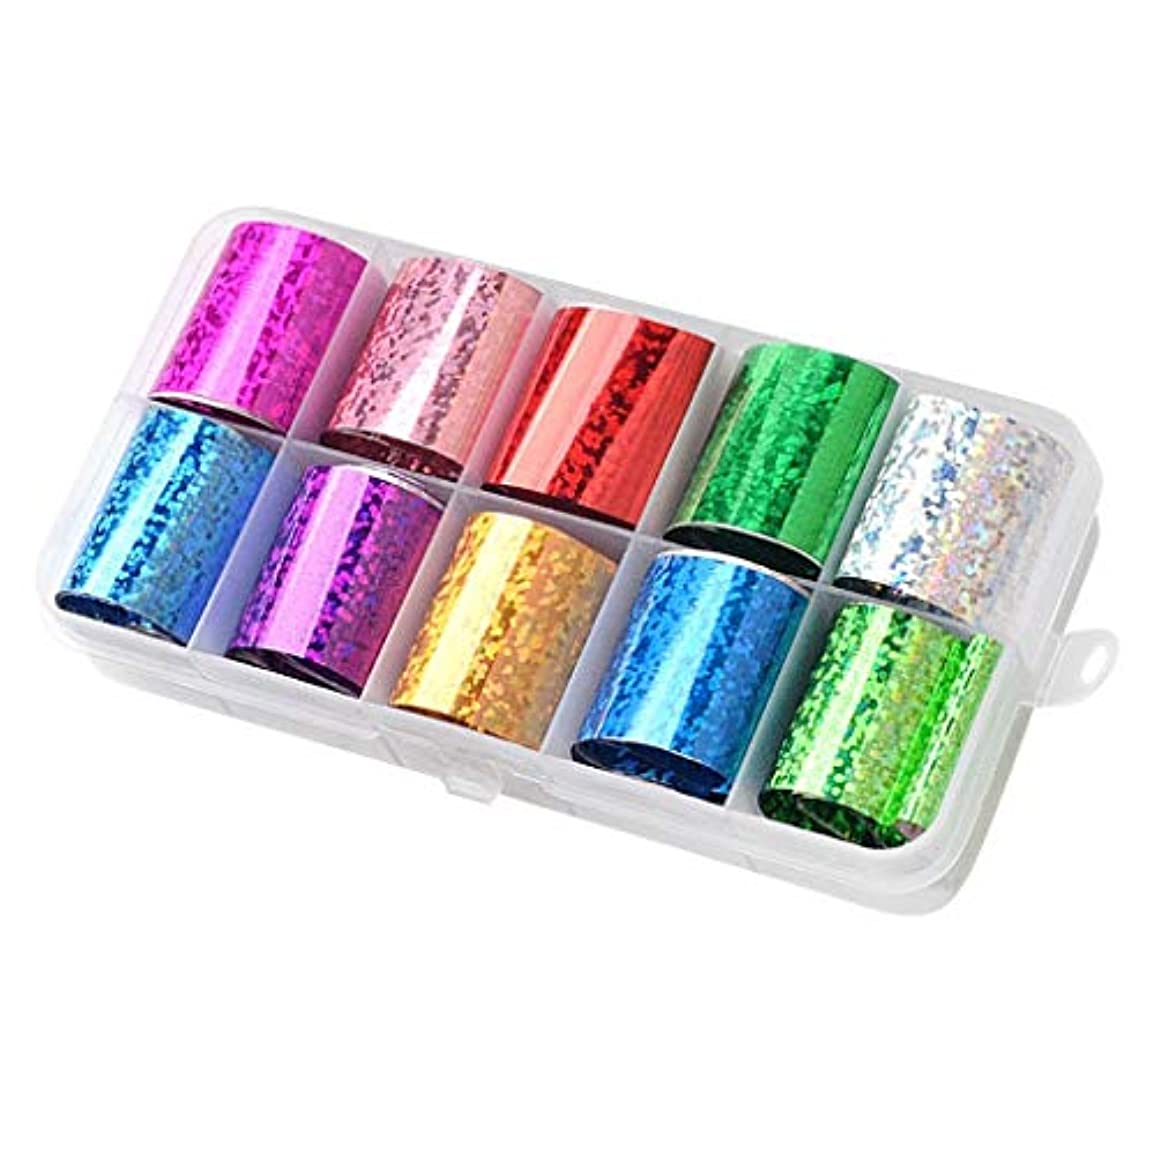 Sharplace ネイルフォイル ネイルシール ネイルステッカー ネイルデザインパーツ 全15カラー - ミックススタイル09